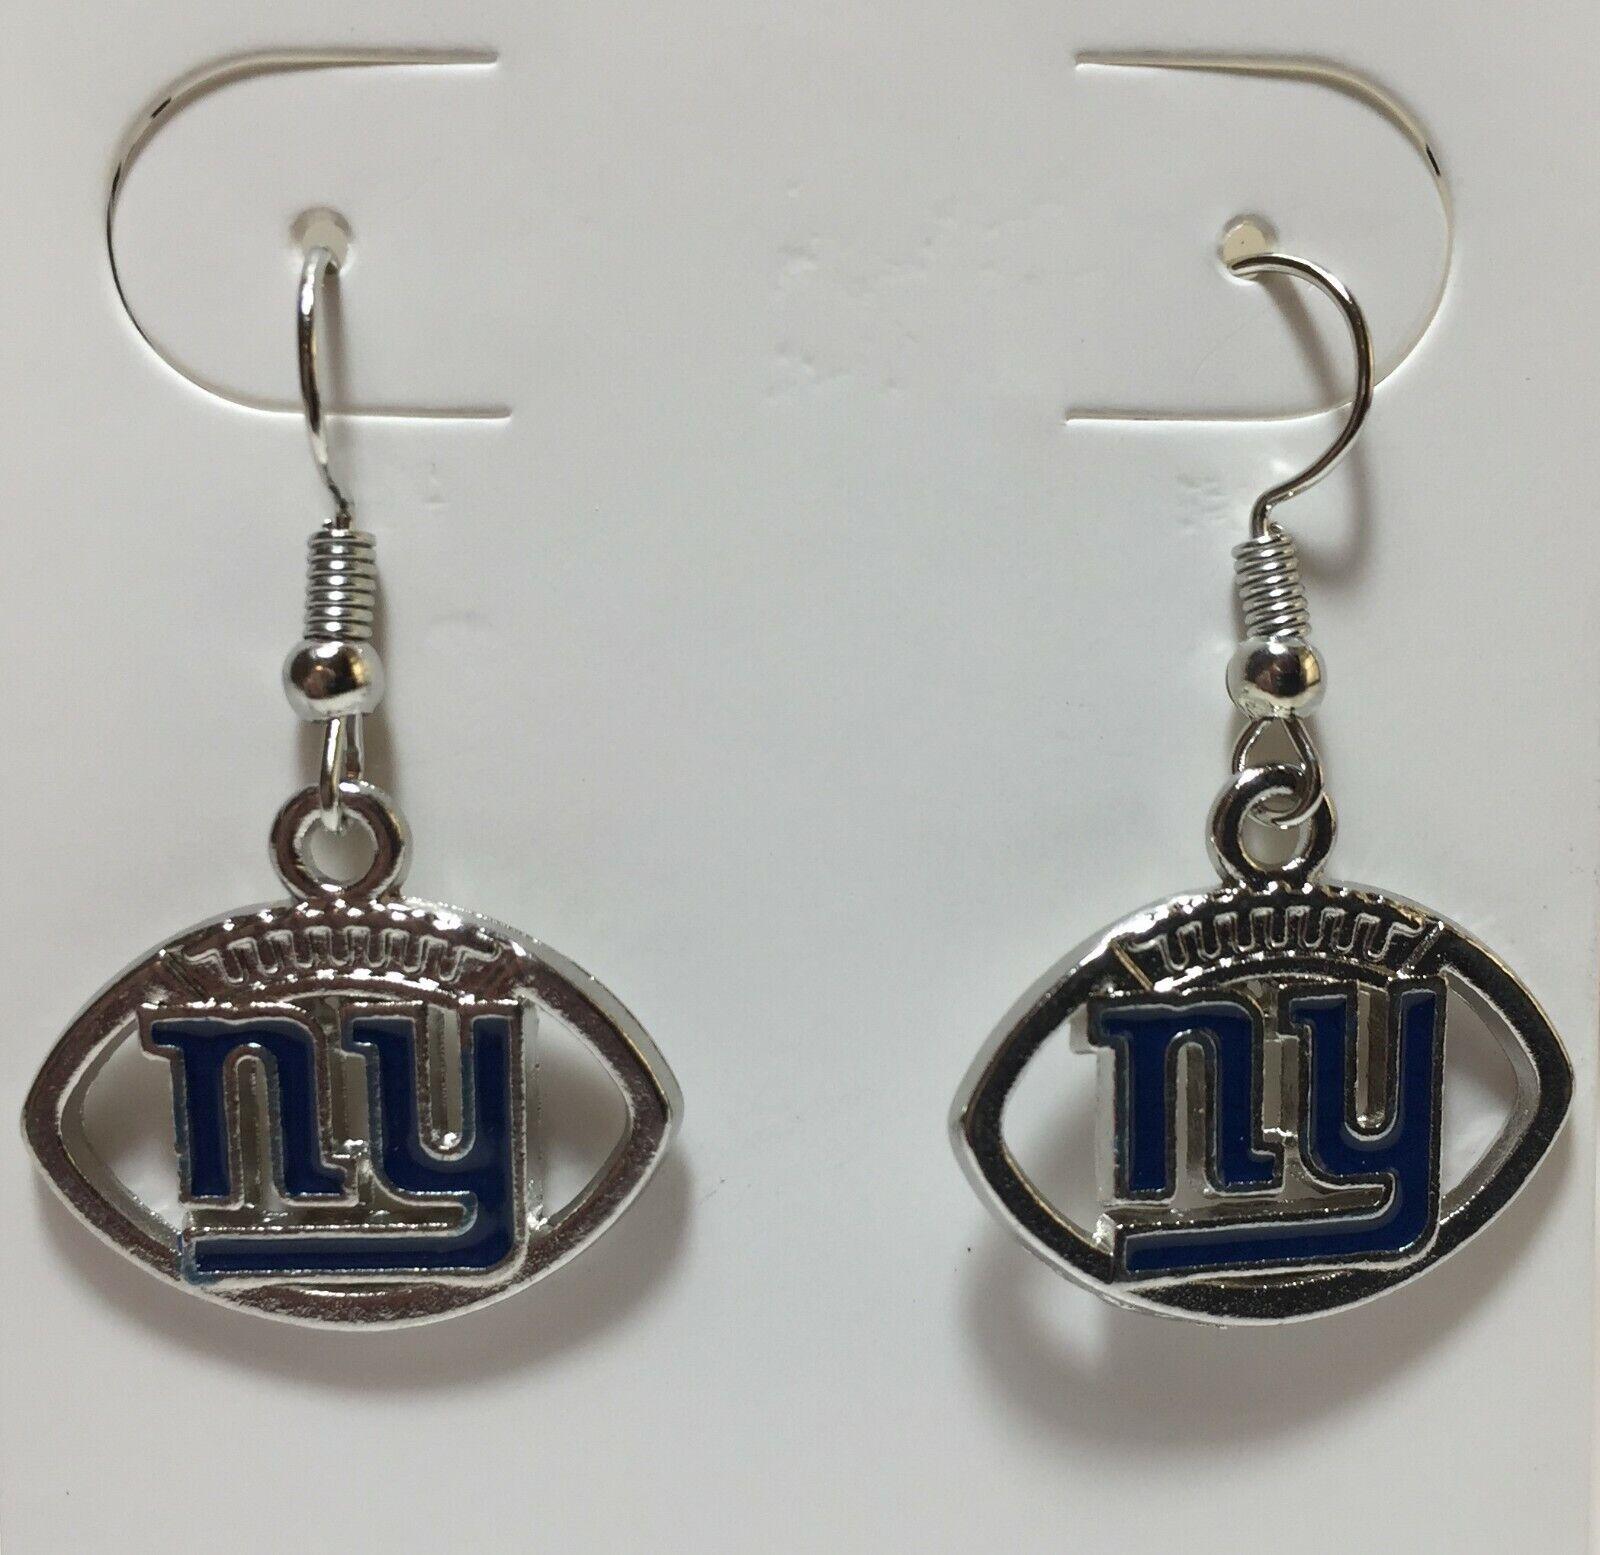 New York Giants Football Shape Fish Hook Earrings, Gift for